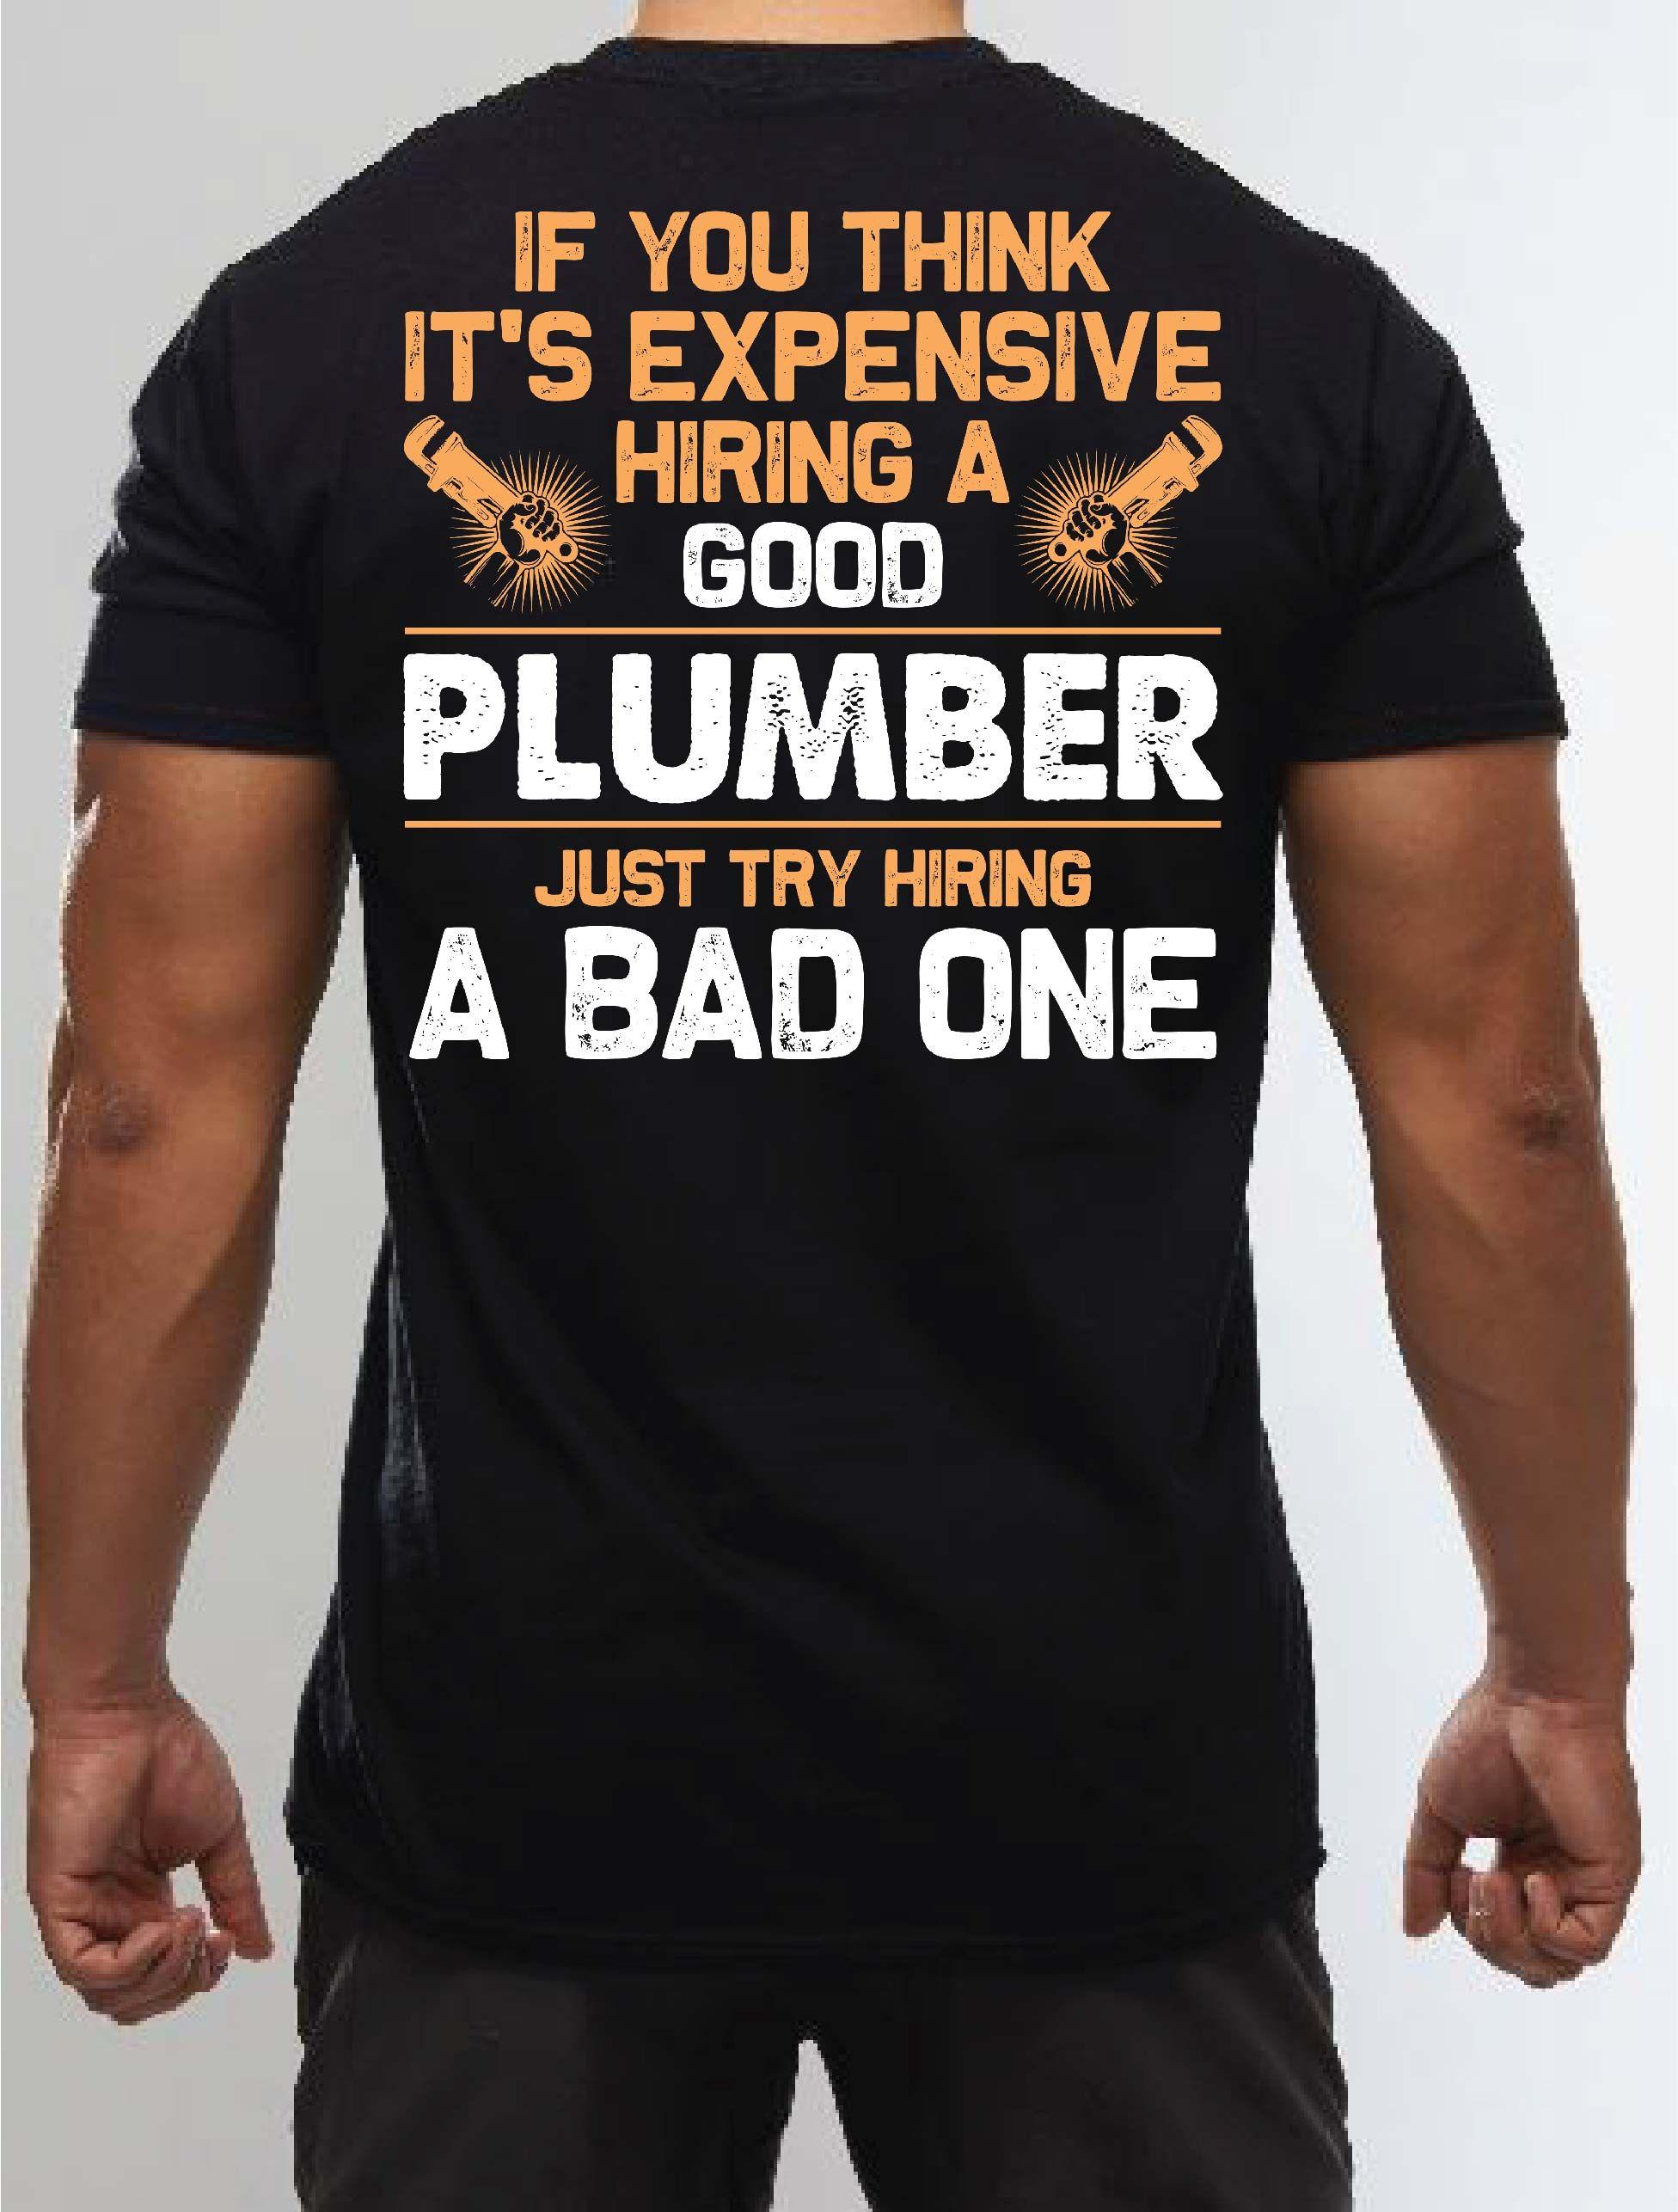 1dad2bfb6 Plumber gifts.plumber humor.plumber quotes.plumber cake.plumbers  crack.plumeria